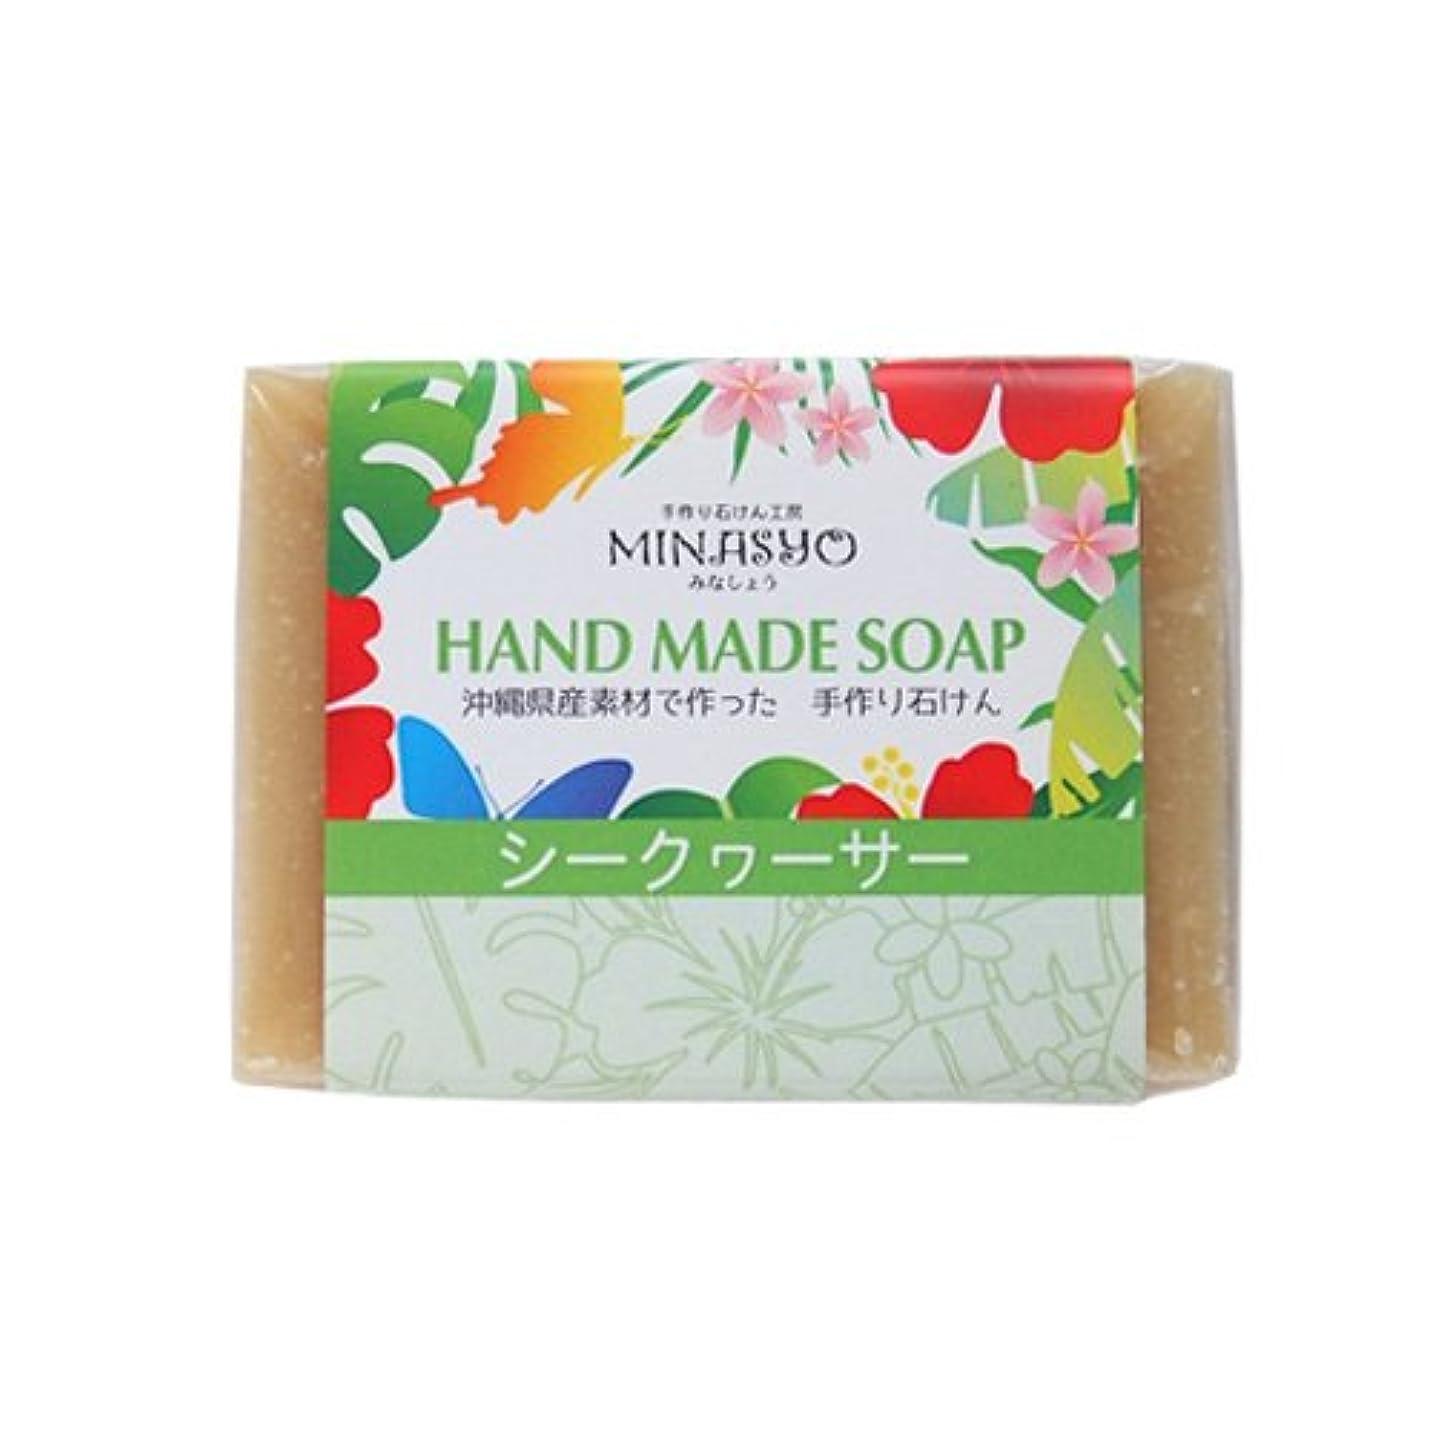 引き出す化合物前洗顔石鹸 無添加 固形ハンドソープ ボディソープ 手作りシークワーサー石鹸